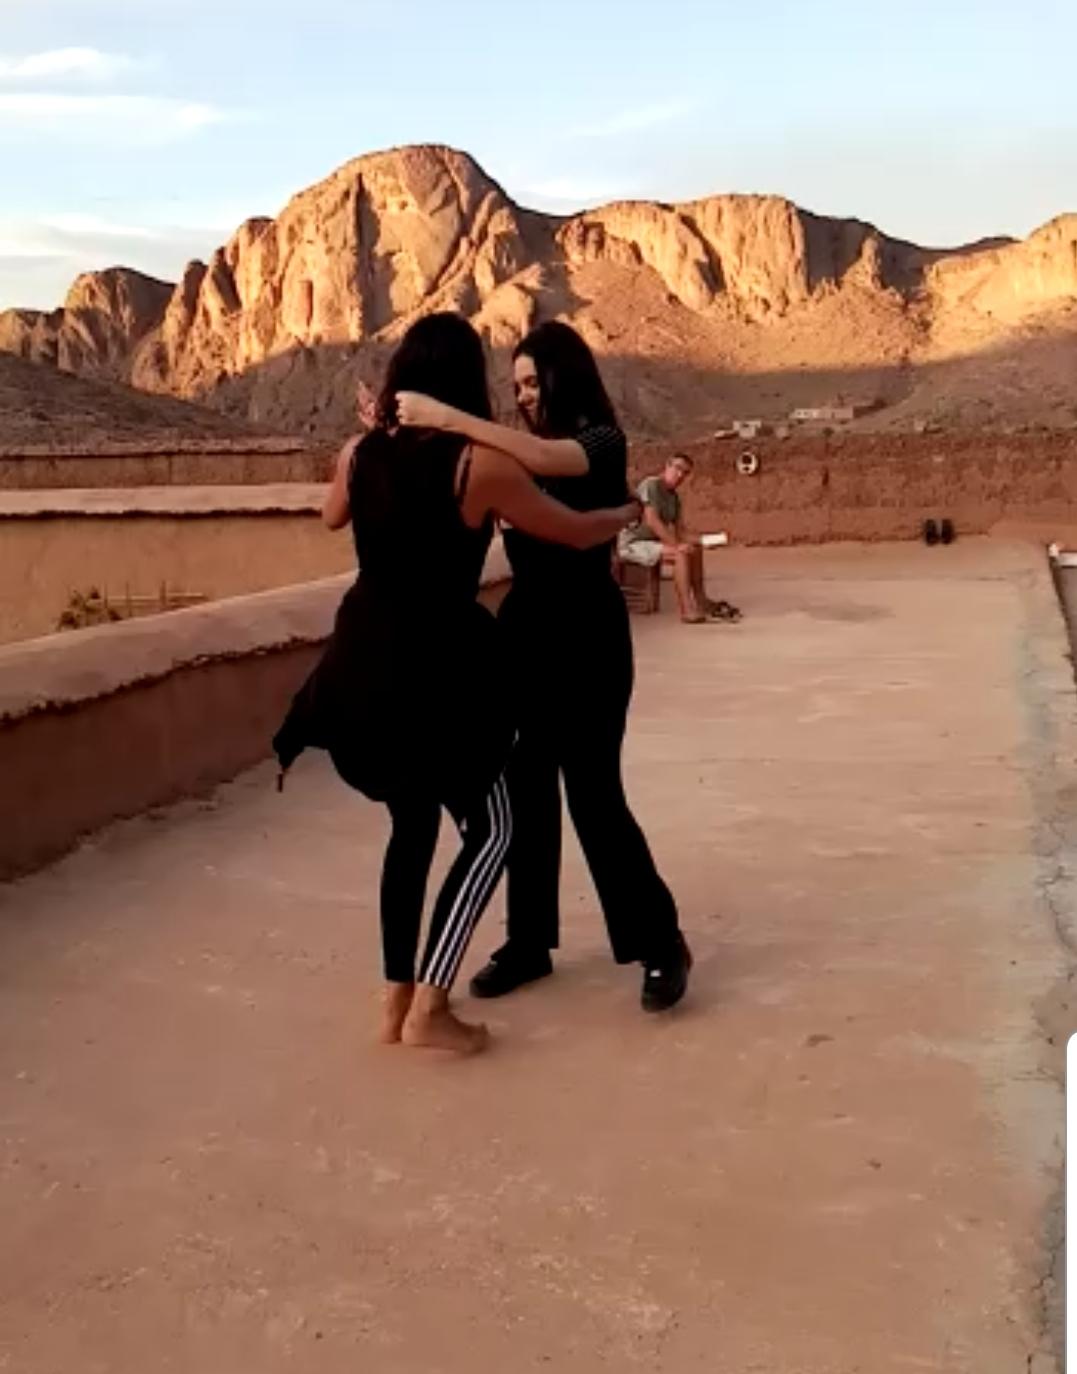 Activité séjour CtrekFusion : photo de deux voyageuses qui improvise une danse, la batchata